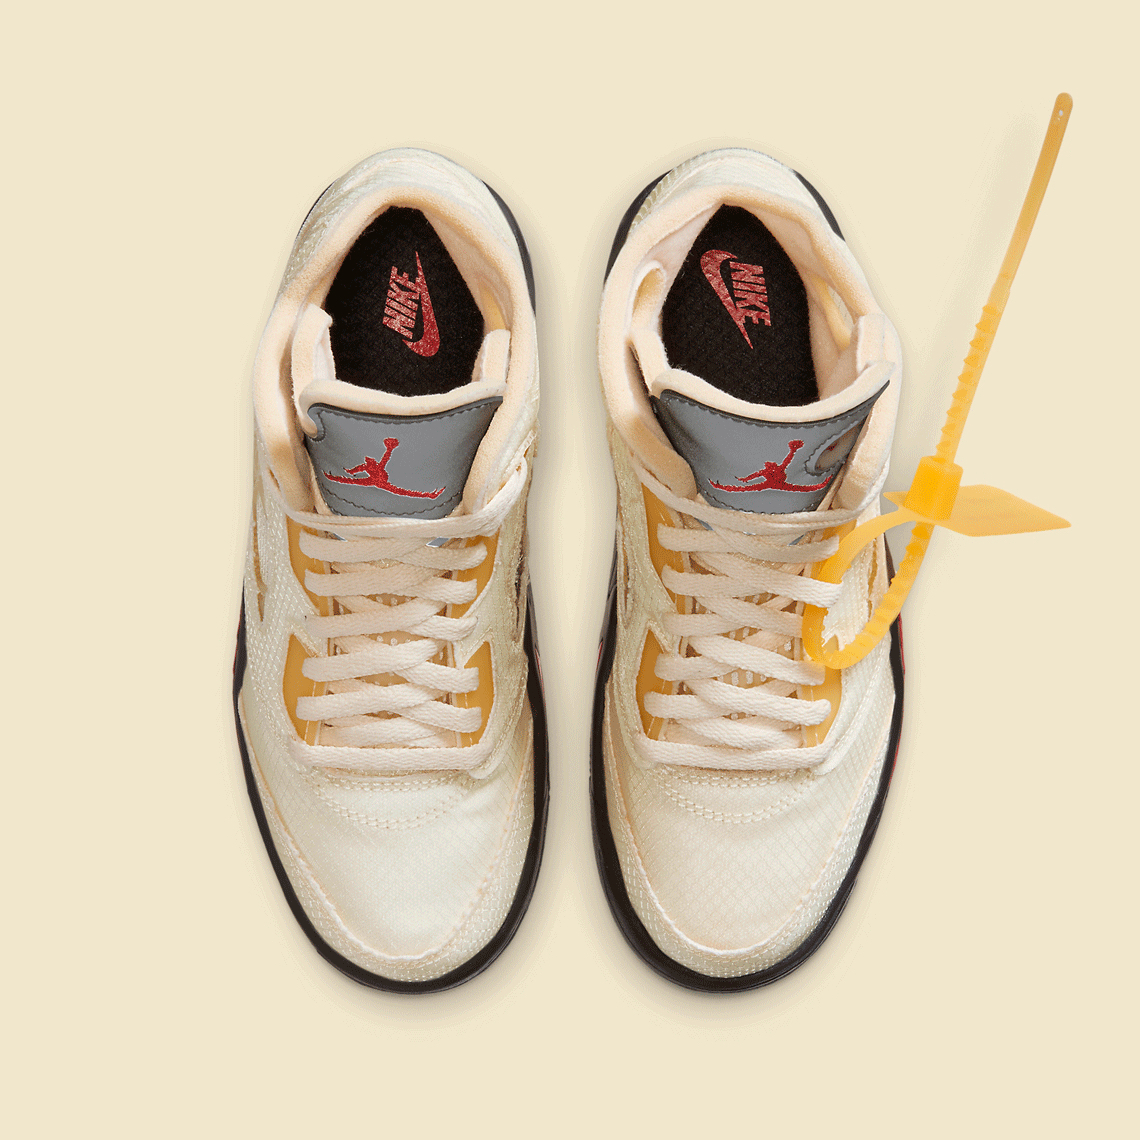 Off-White Nike Air Jordan 5 PS Sail CV4827-100 オフホワイト ナイキ コラボ エア ジョーダン 5 セイル プレスクール キッズ top